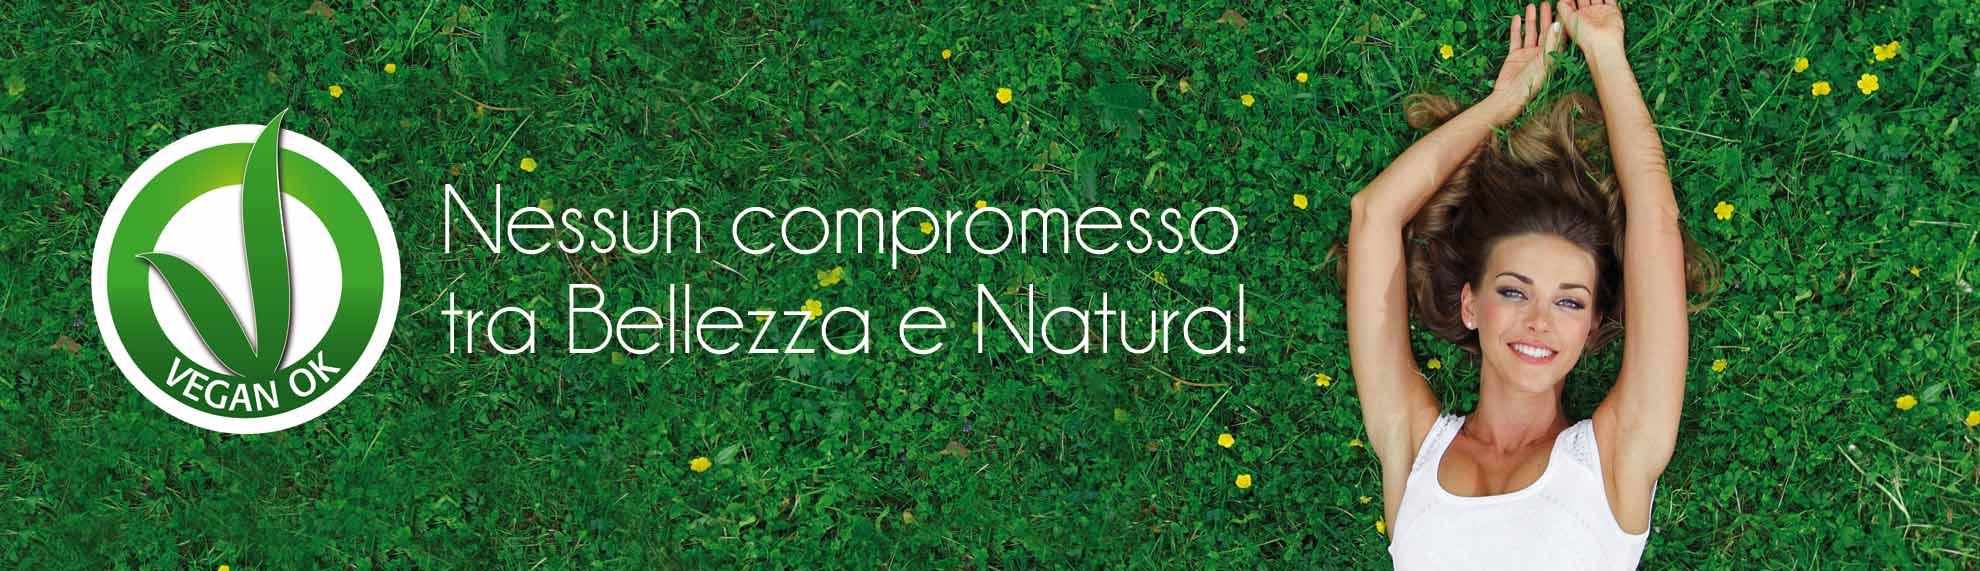 Ok Bellezza, nessun compromesso tra Bellezza e Natura - Vegan Ok e Bio